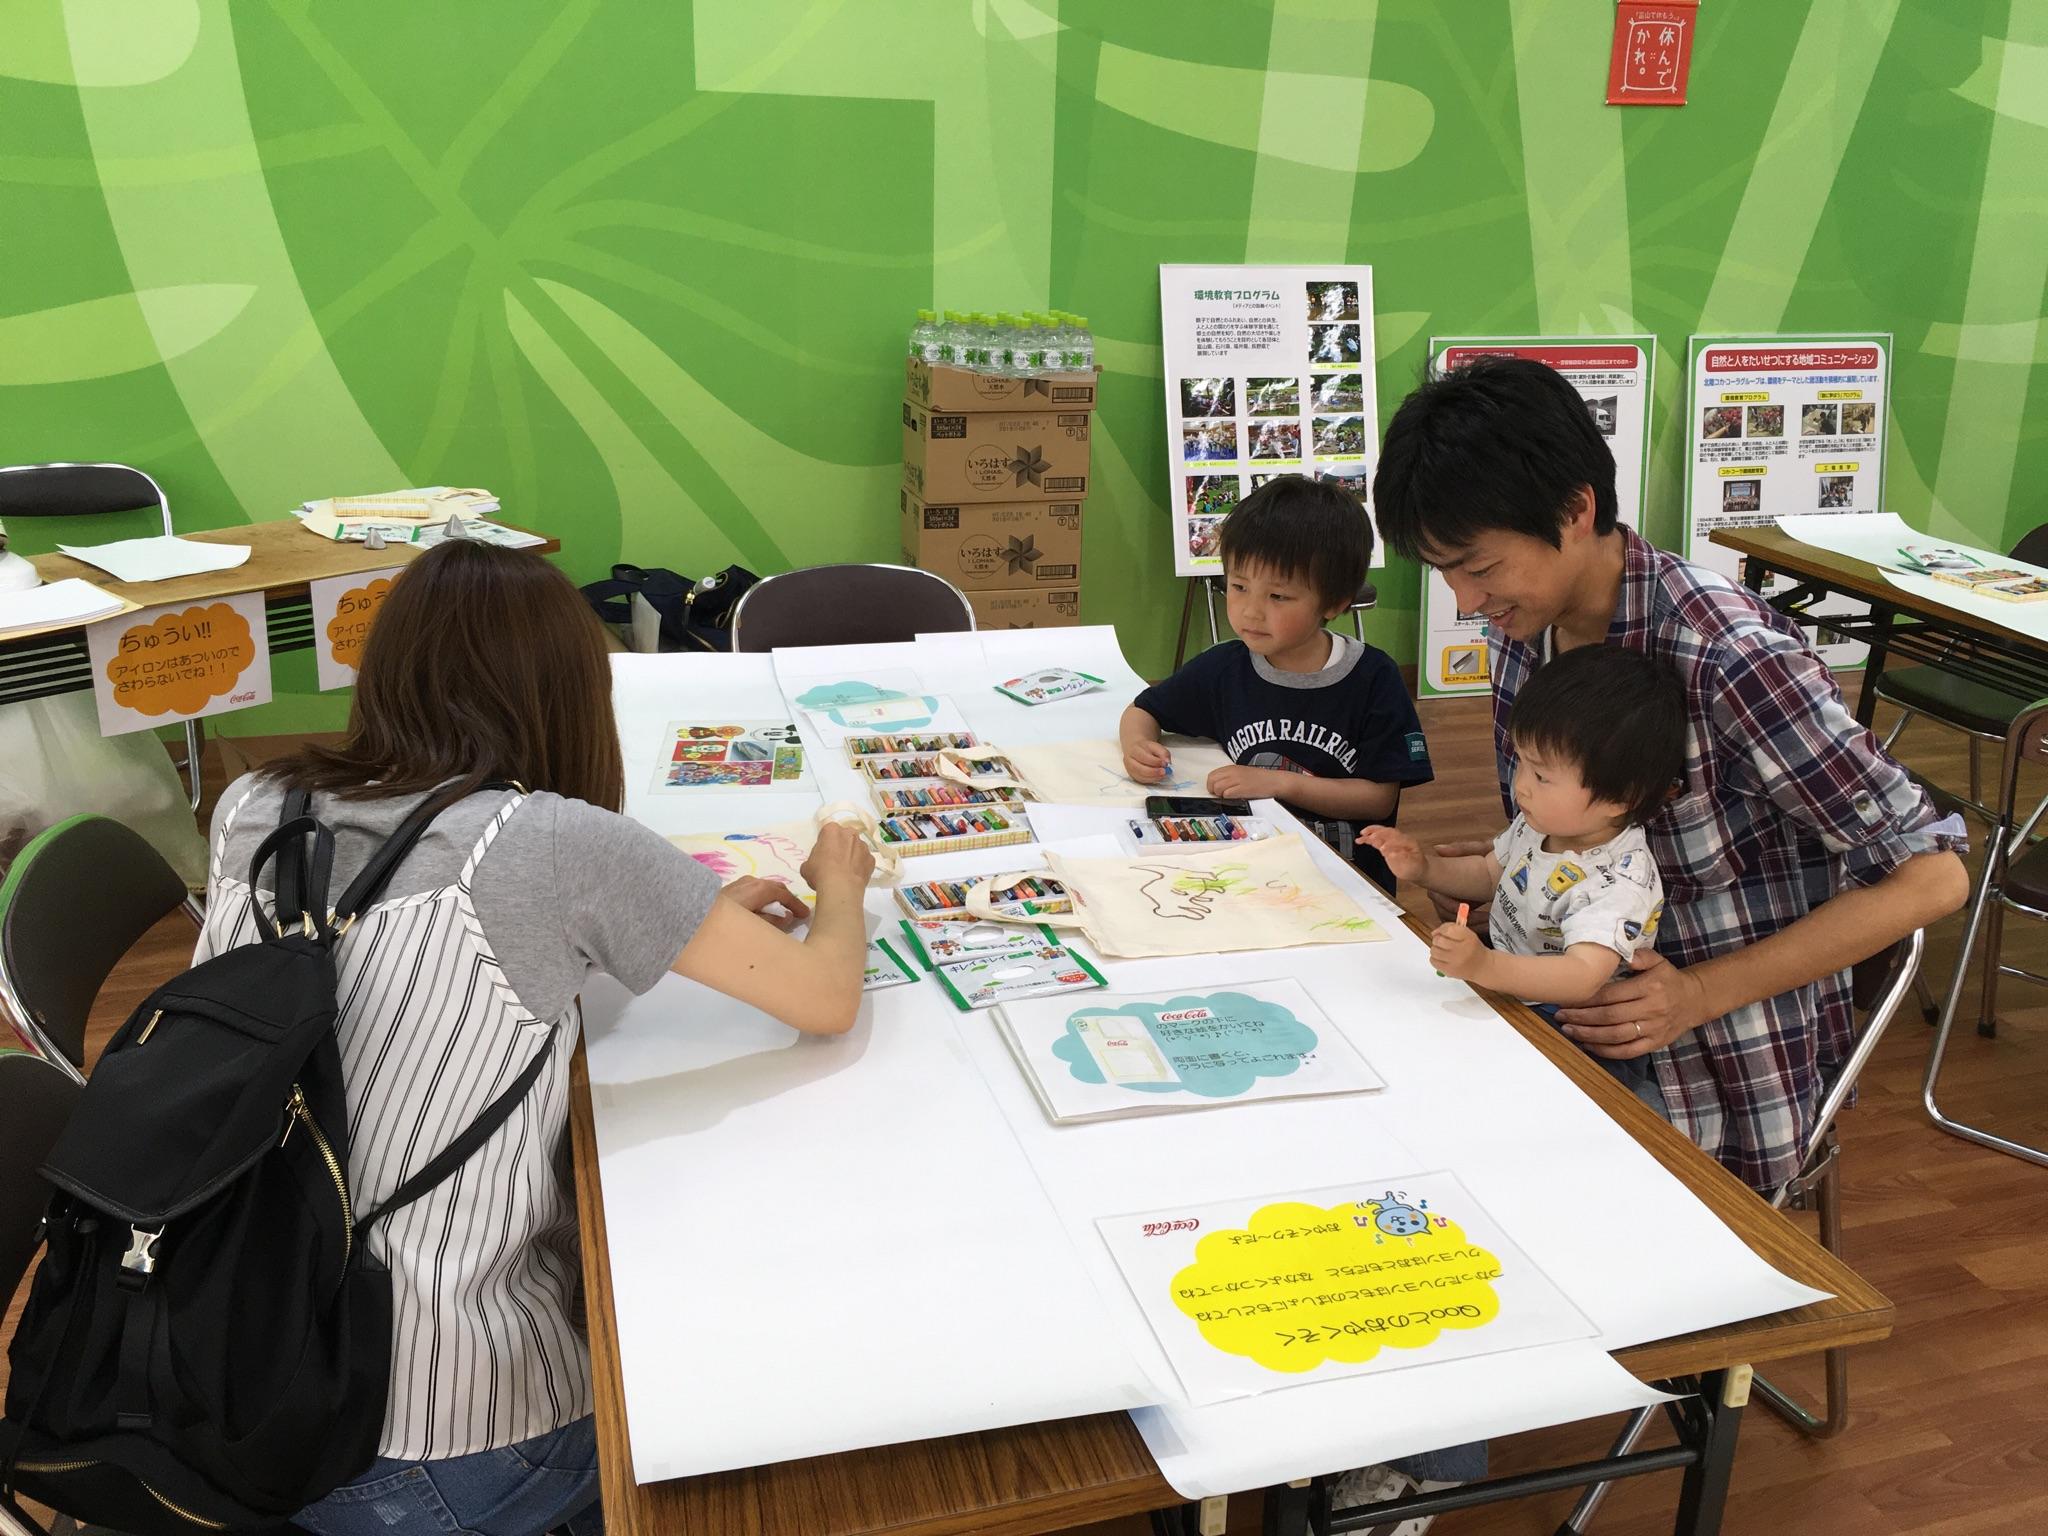 グリーンモール山室で「森に学ぼう」プロジェクト環境体験プログラム「エコバックをデザインしよう」5/20に開催の画像